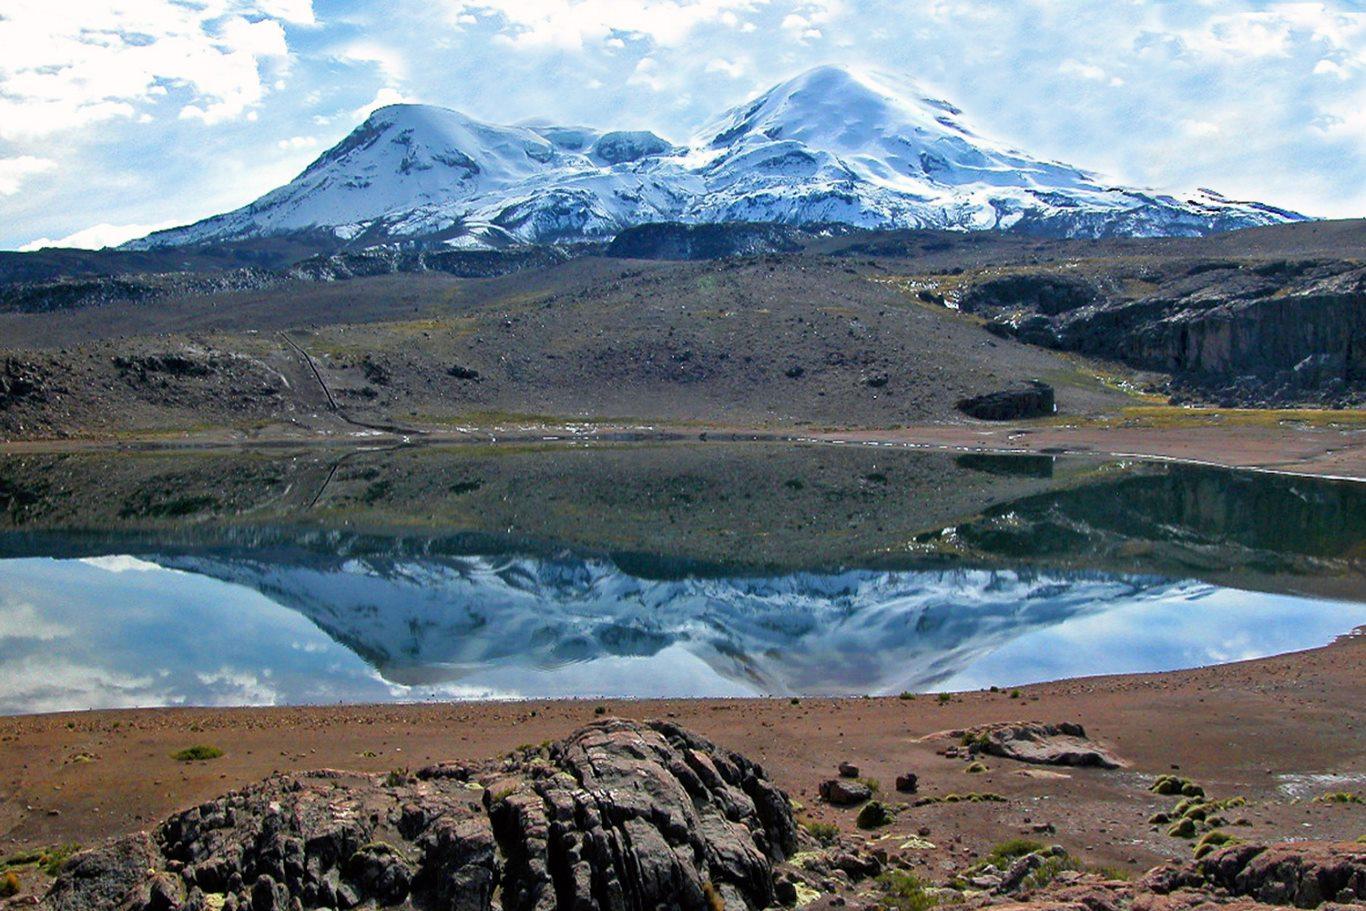 Highest mountains in Peru: Coropuna